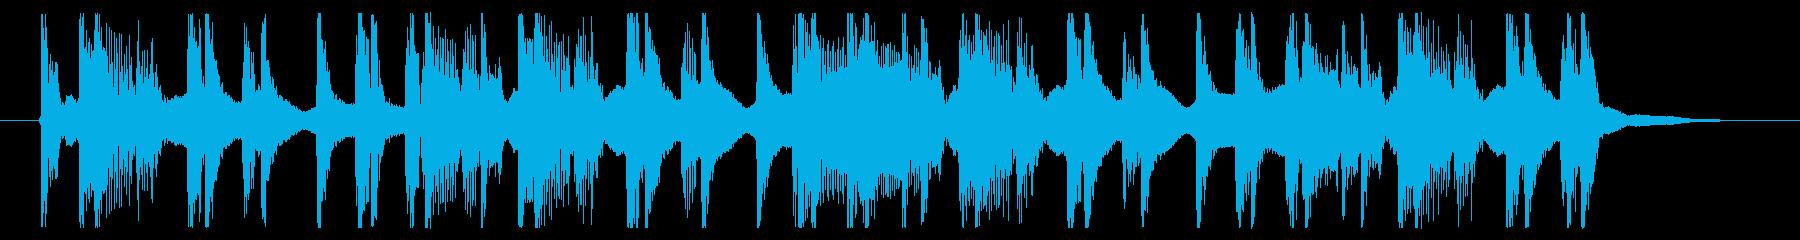 イタズラや尾行などをイメージしたBGMの再生済みの波形